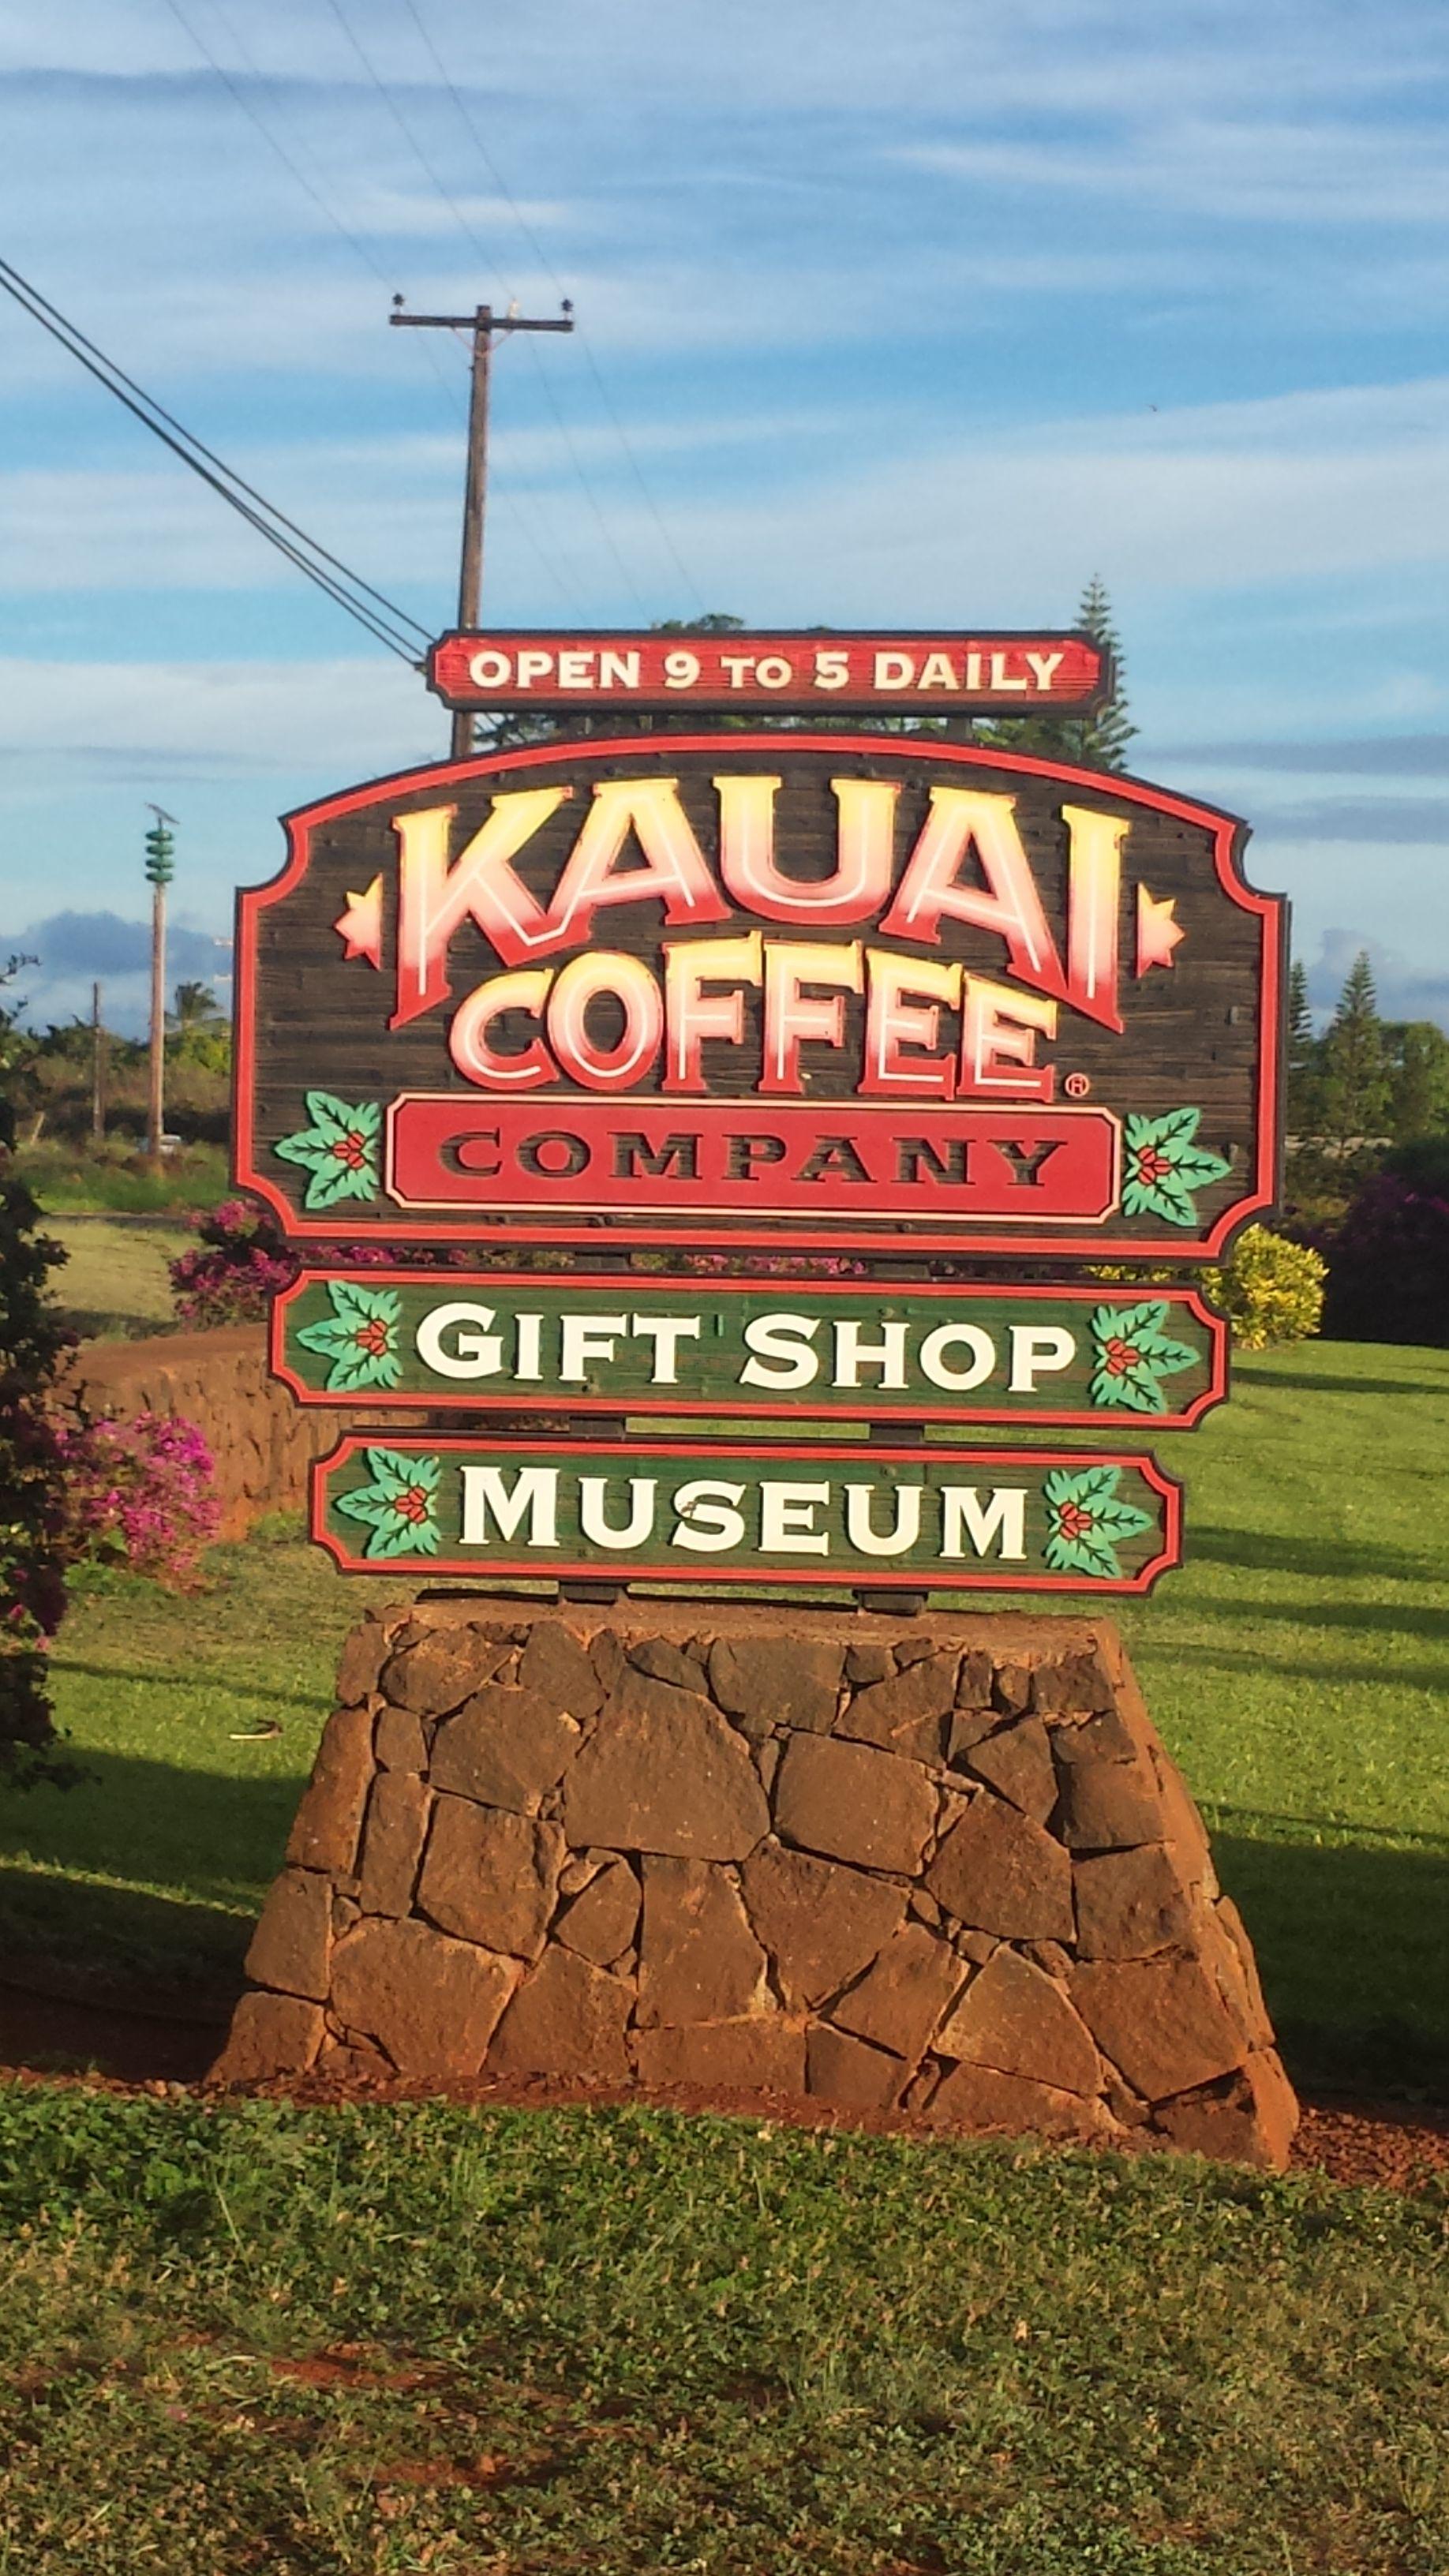 Kauai coffee company best coffee place on the island